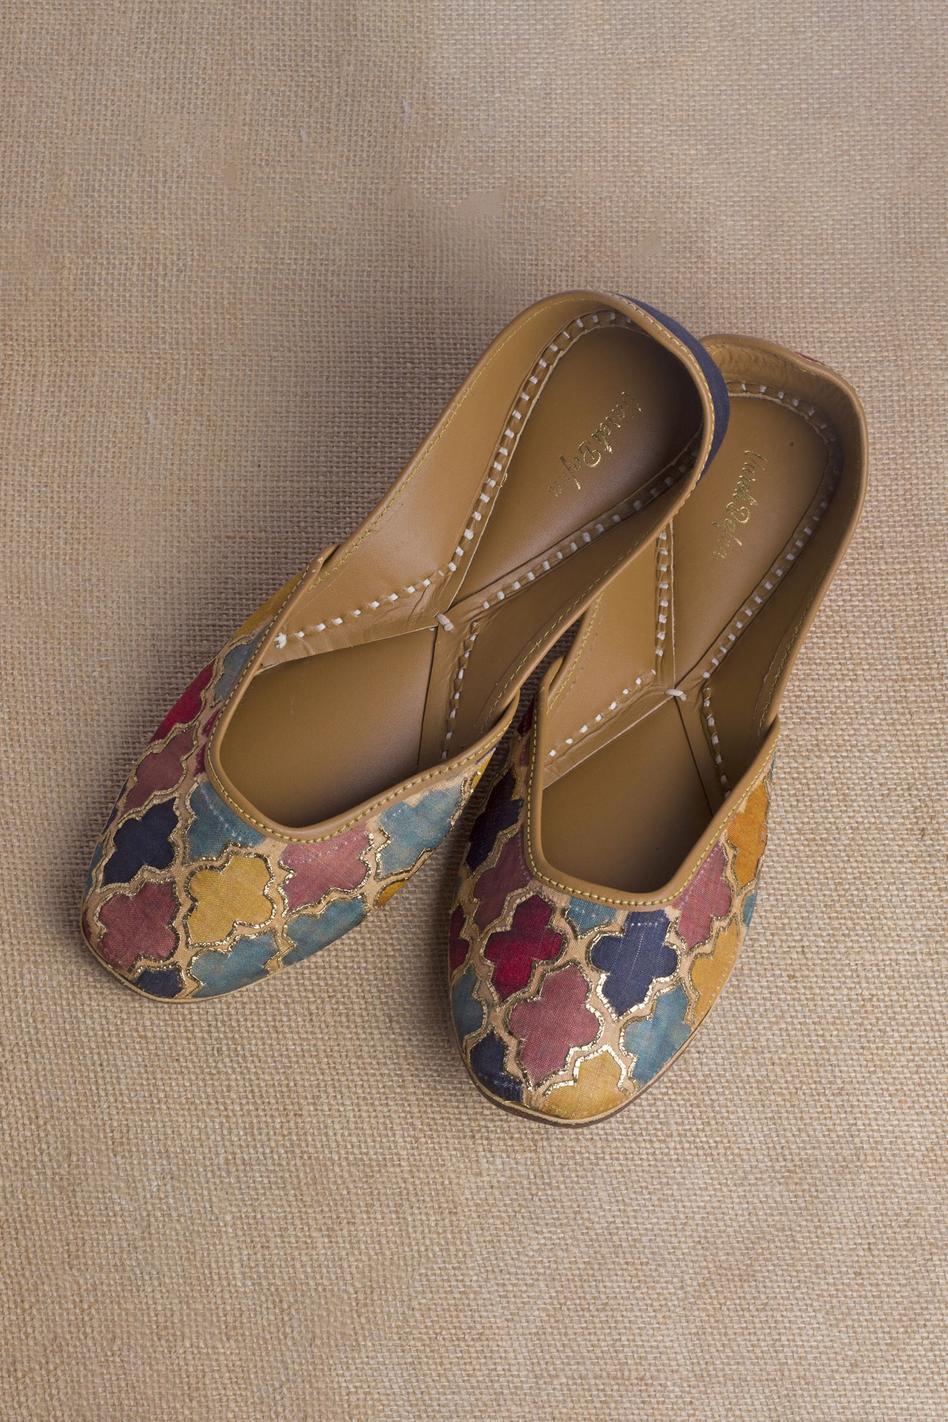 Gazania Embroidered Juttis